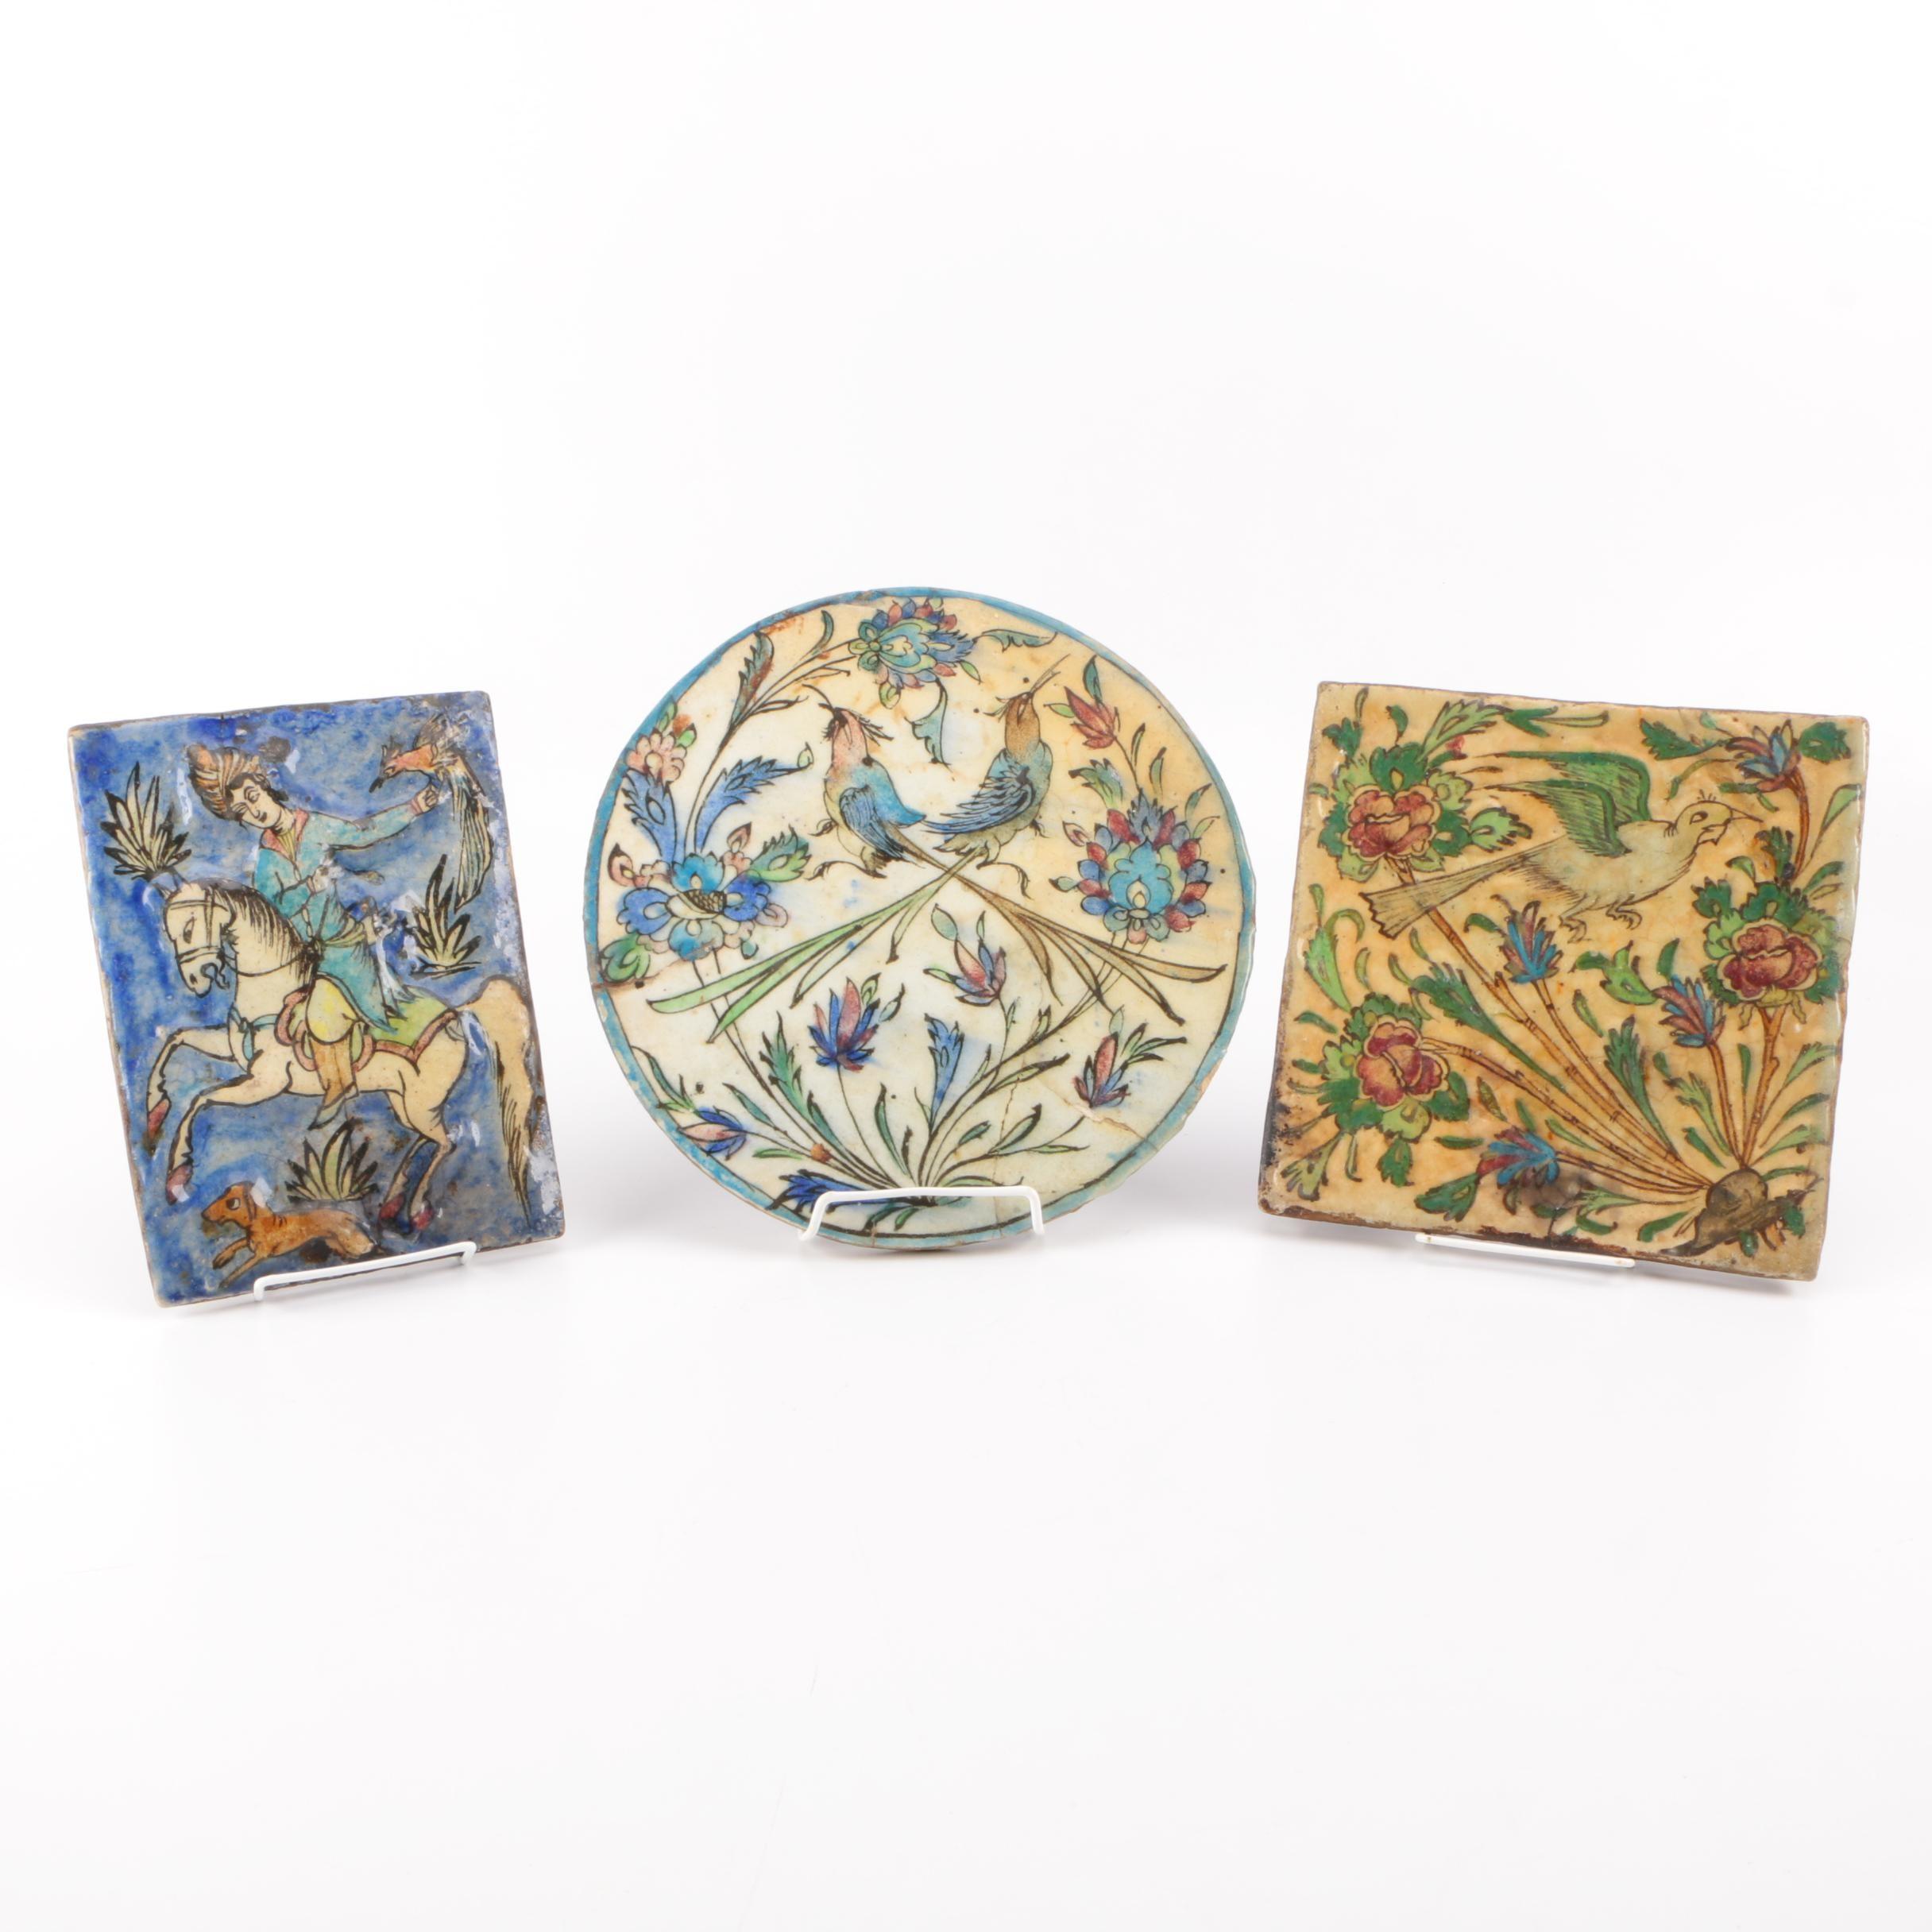 Three Stoneware Pottery Tiles